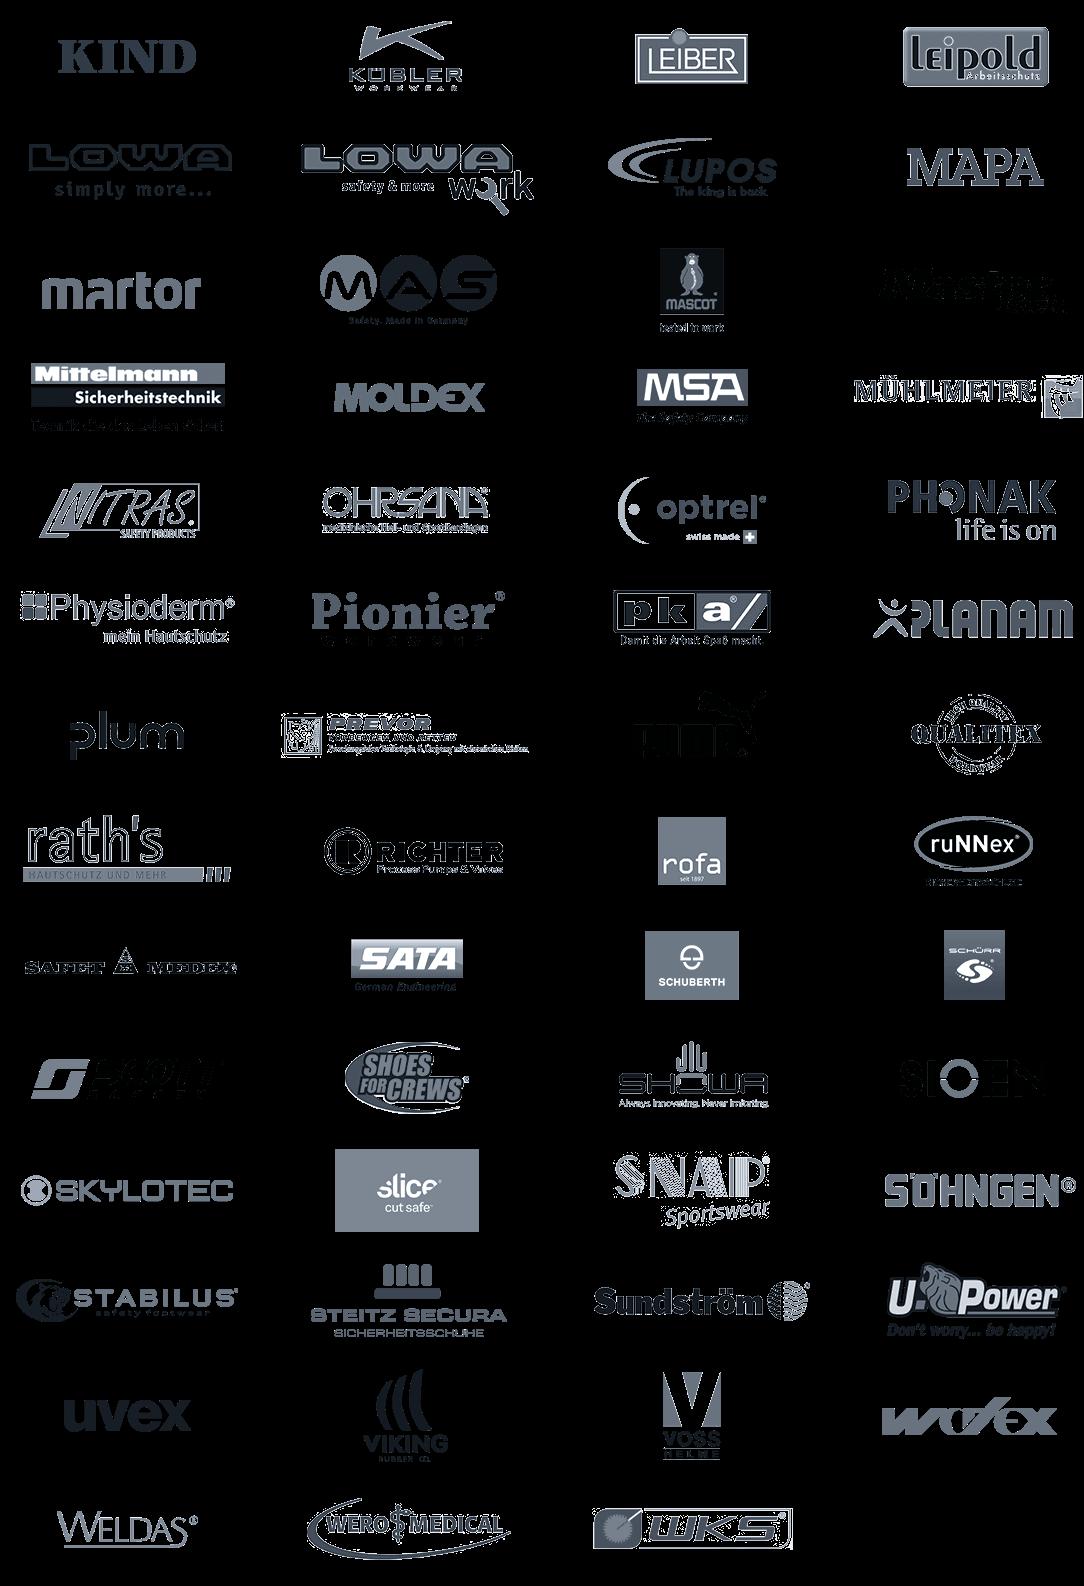 Unsere PSA-Marken von KIND bis WKS